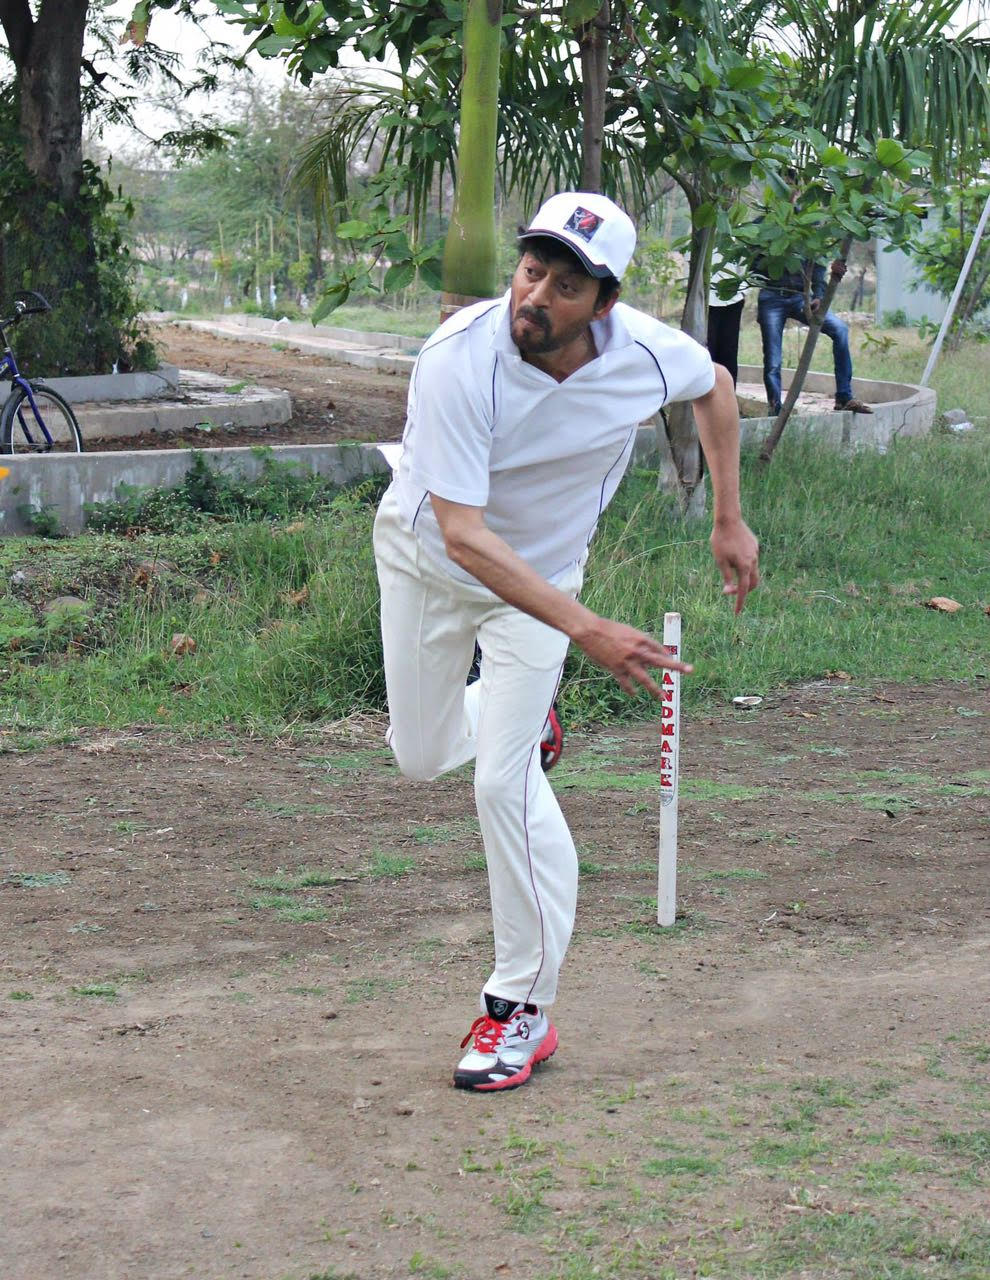 क्रिकेट इरफान का पसंदीदा टाइम पास था।